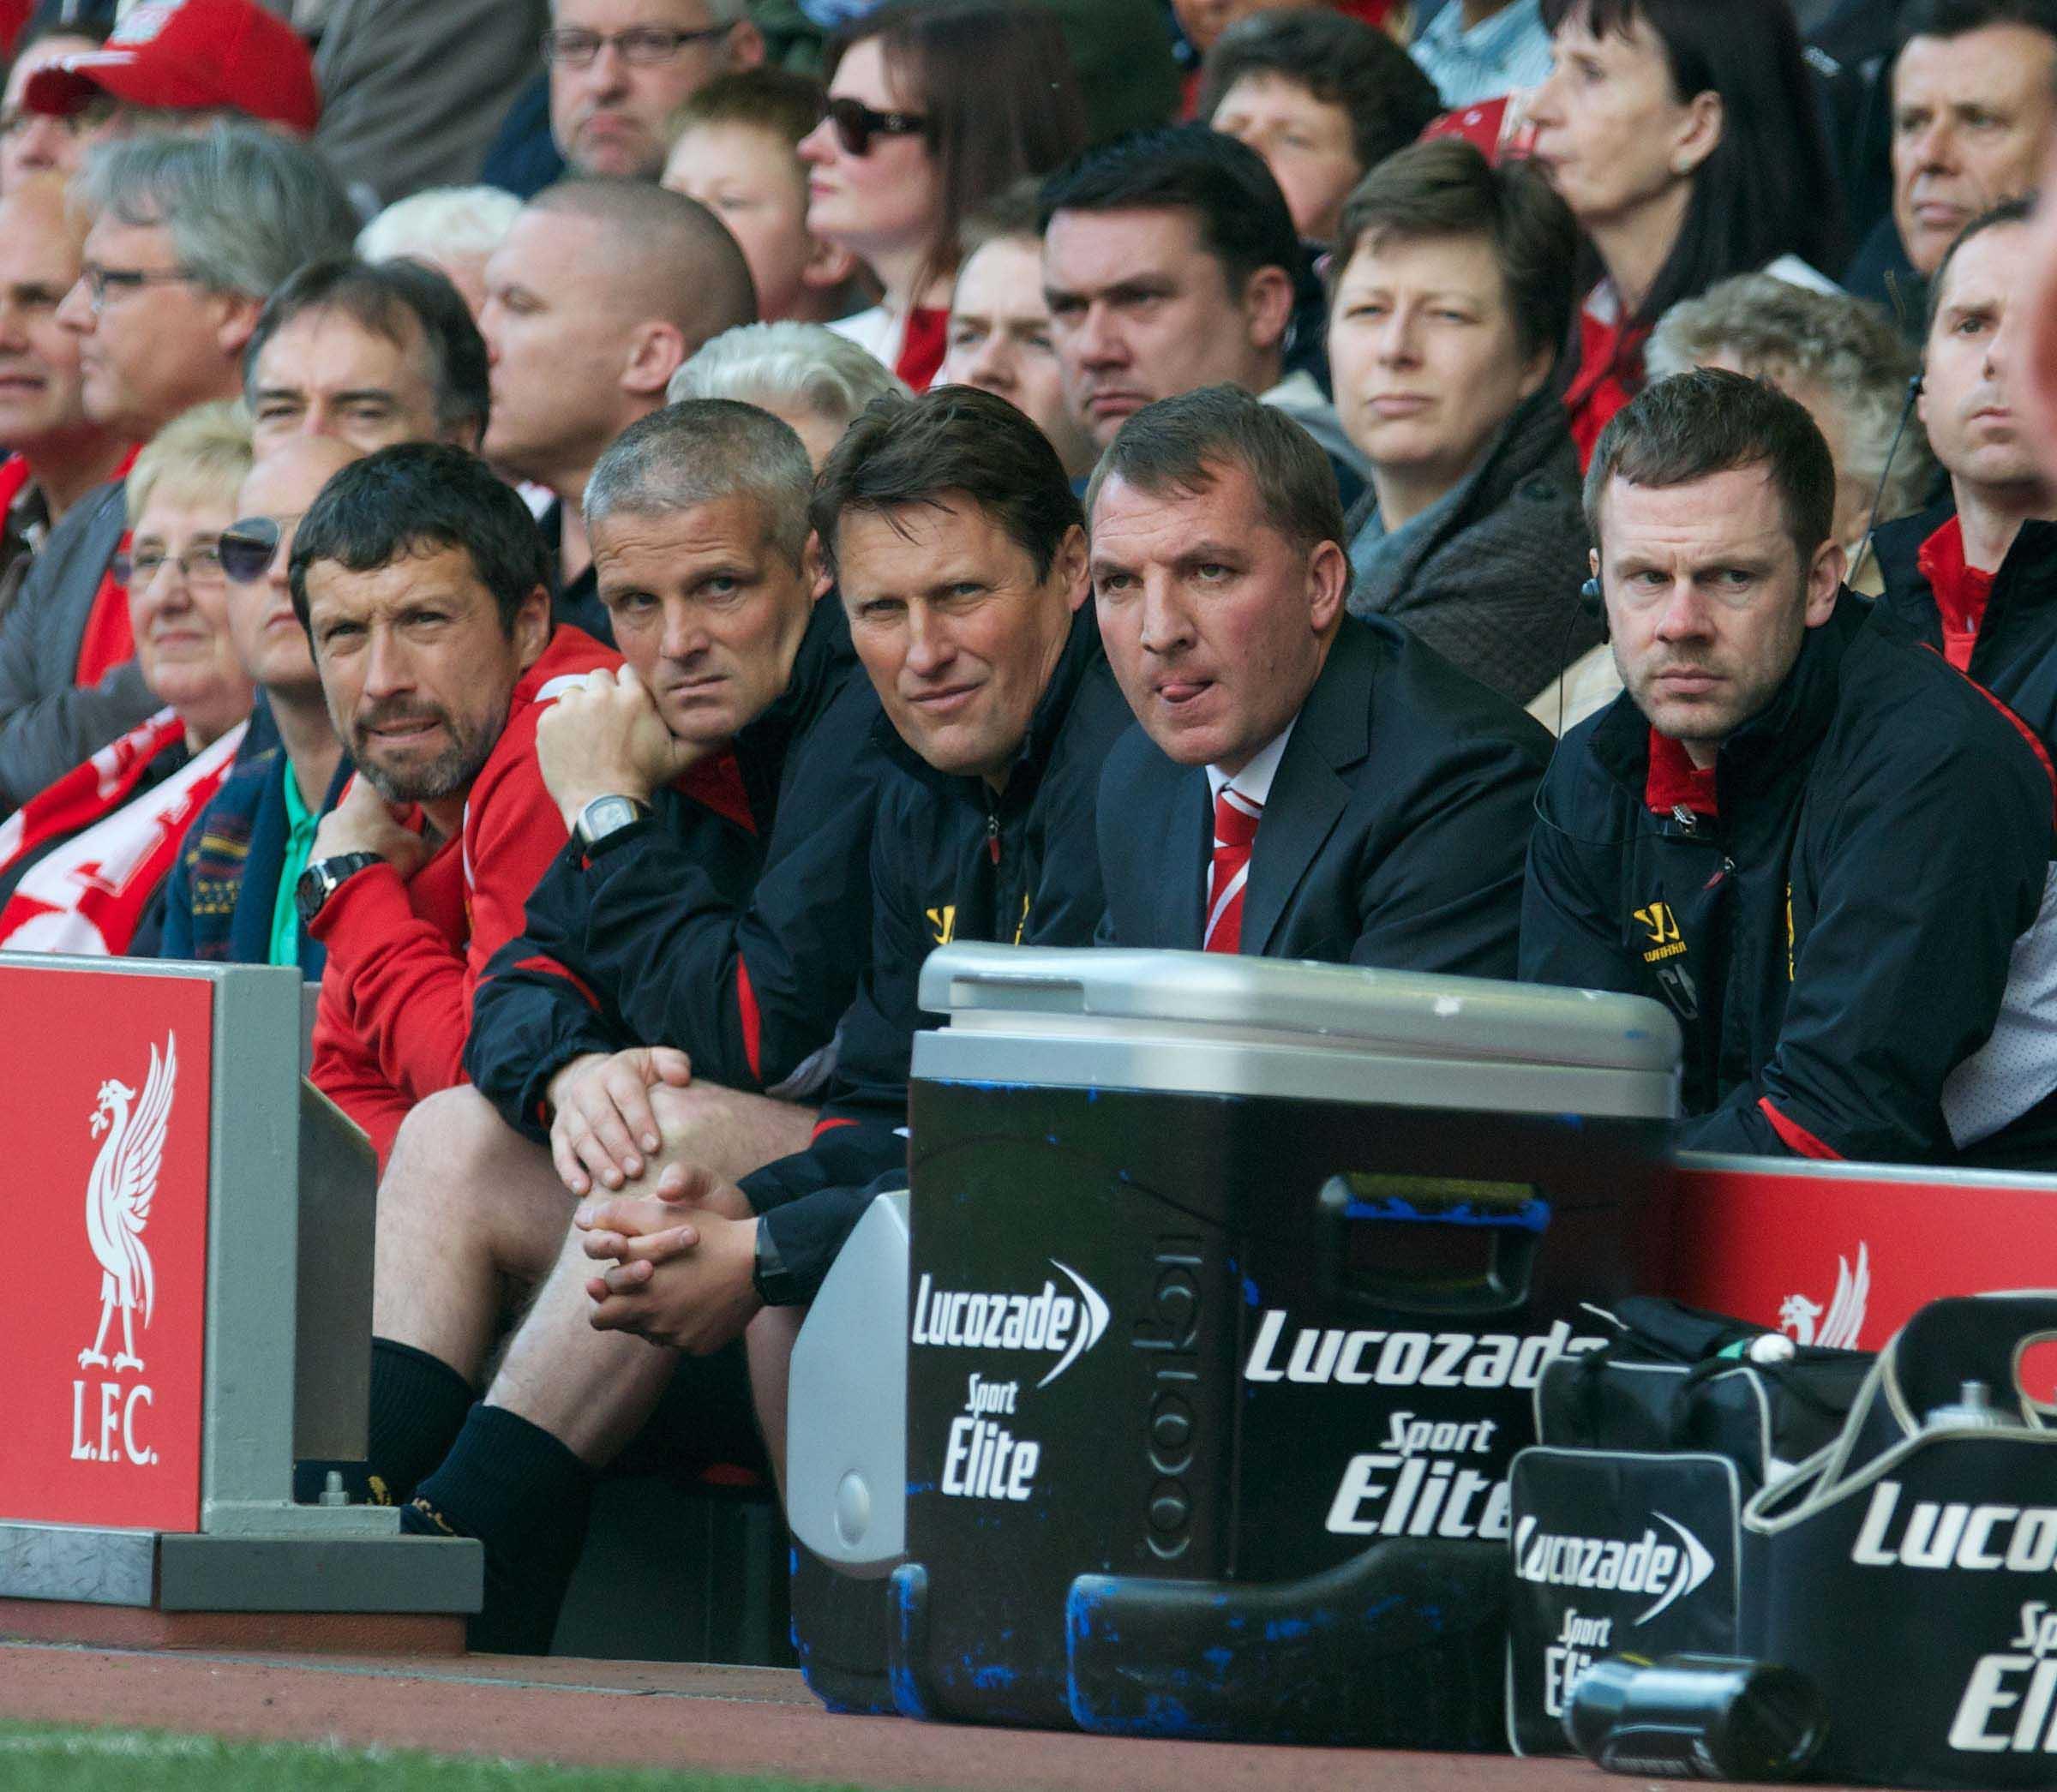 Football - FA Premier League - Liverpool FC v Queens Park Rangers FC